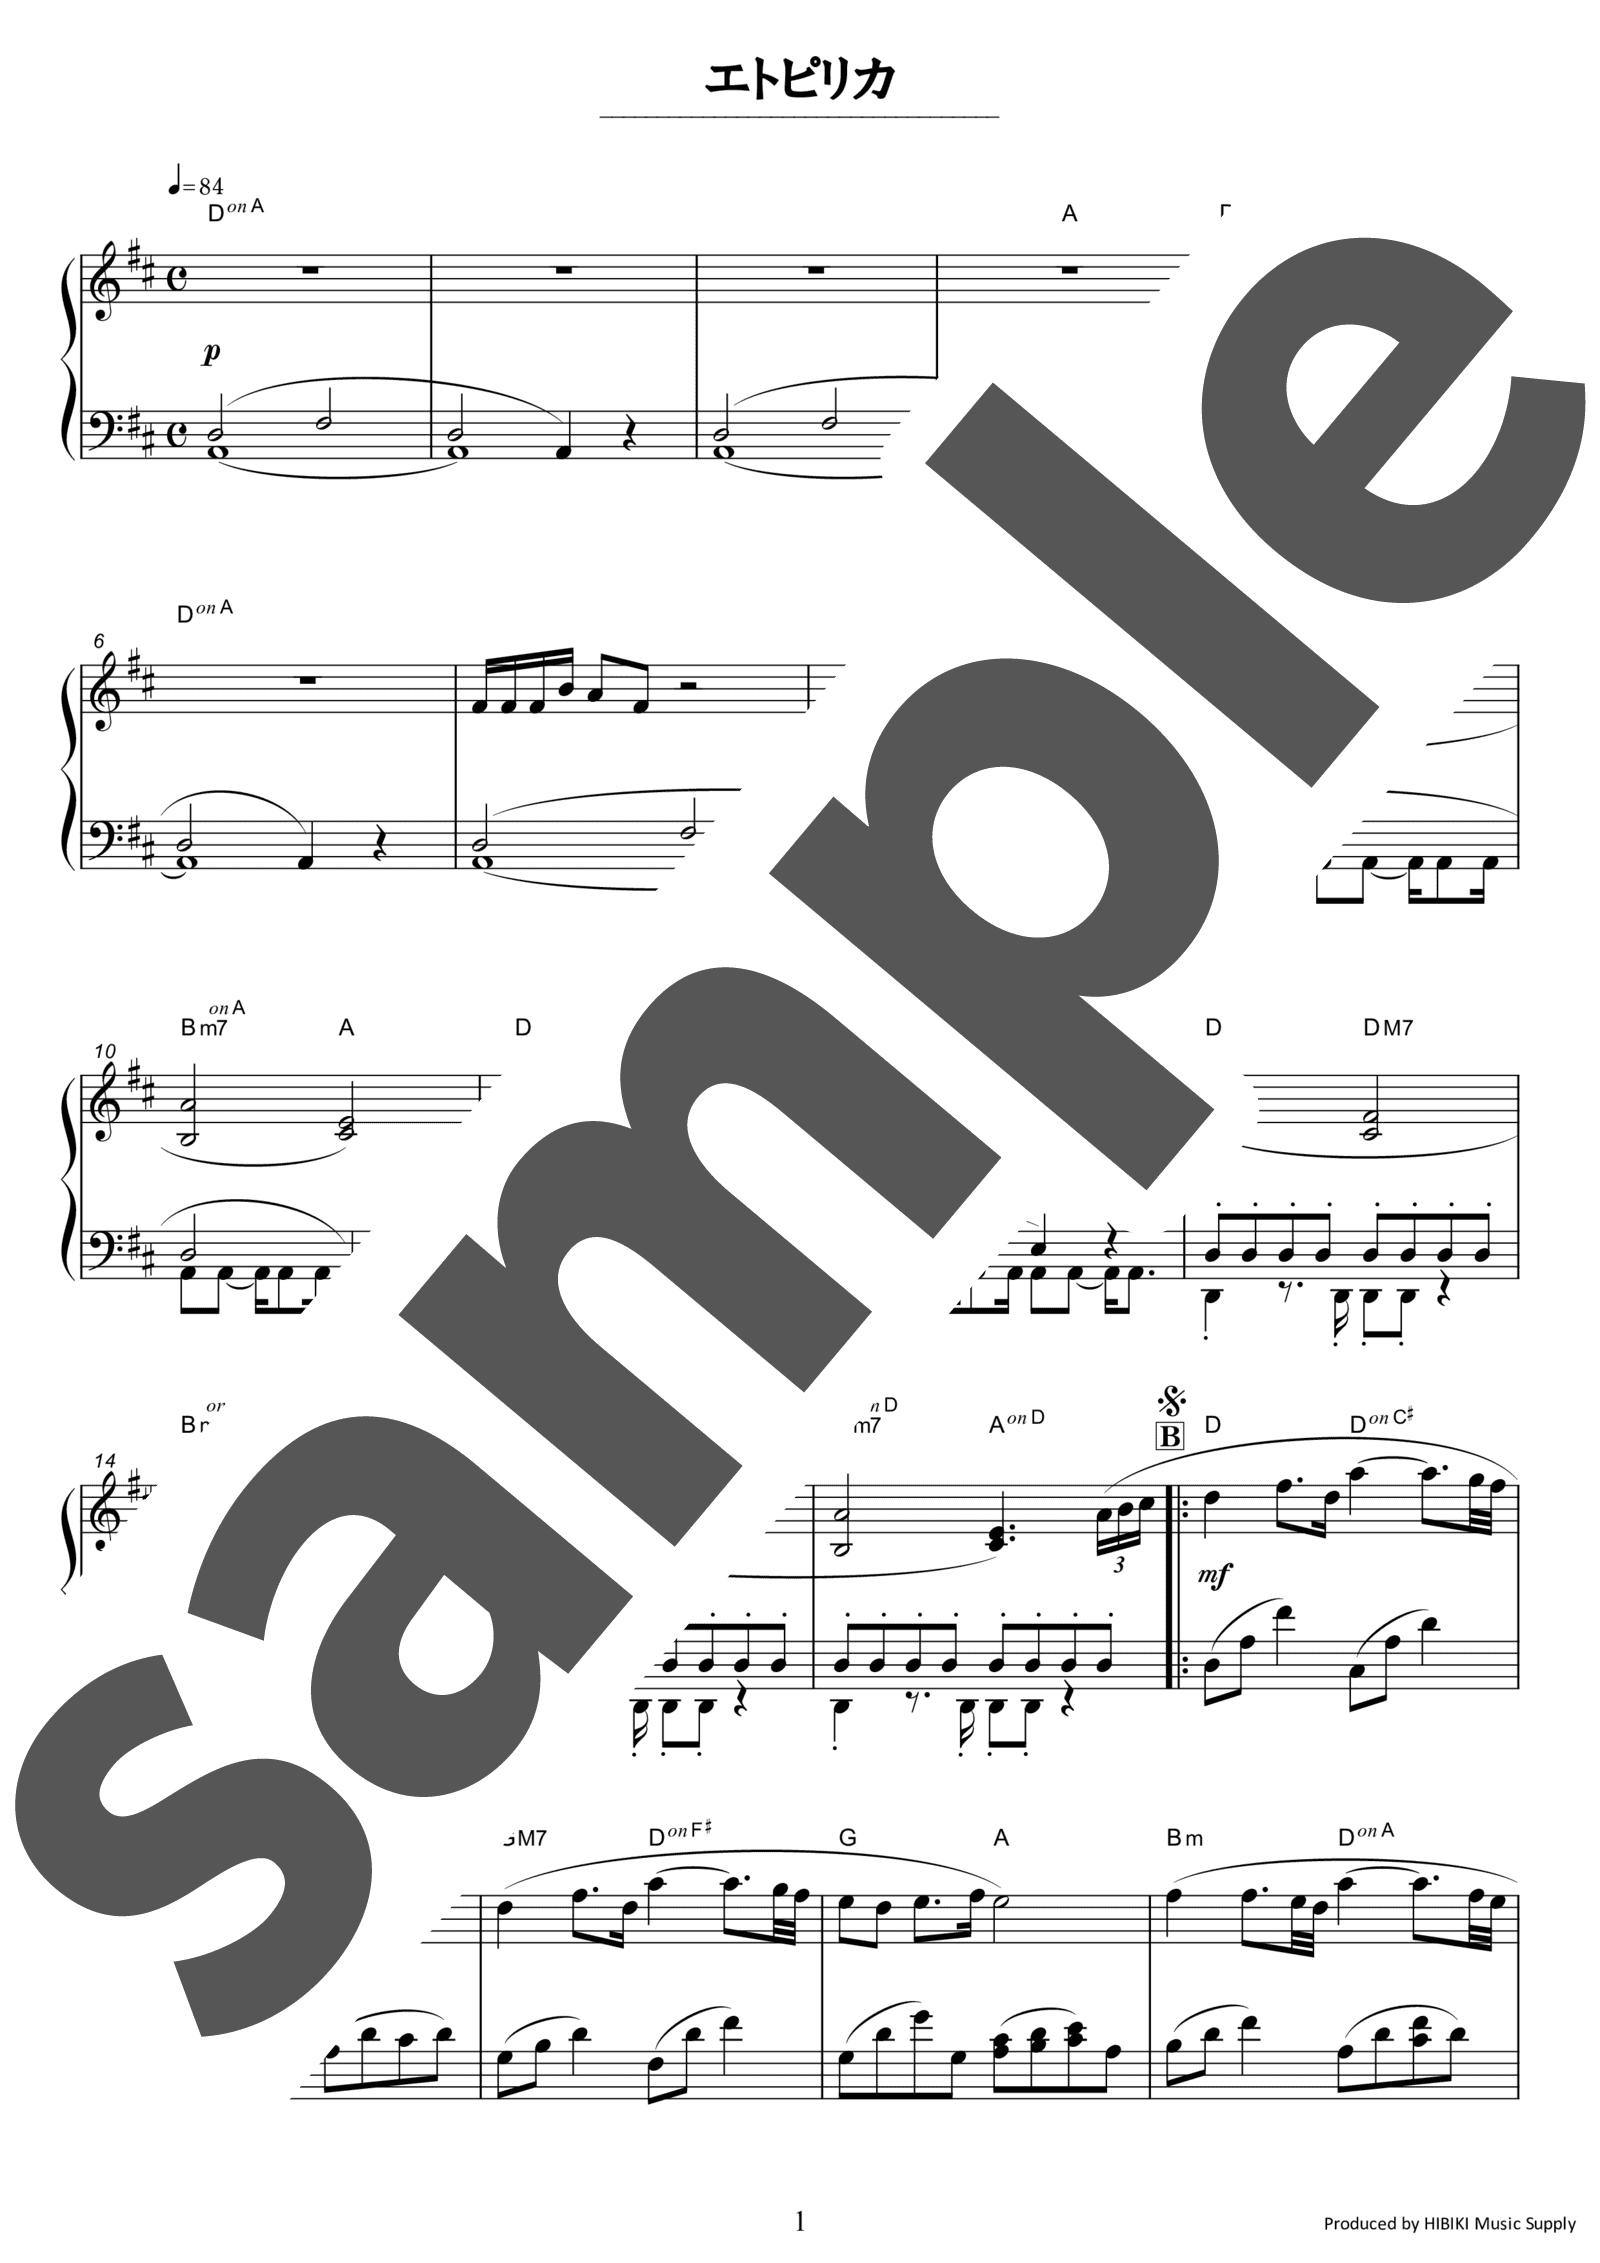 「エトピリカ」のサンプル楽譜